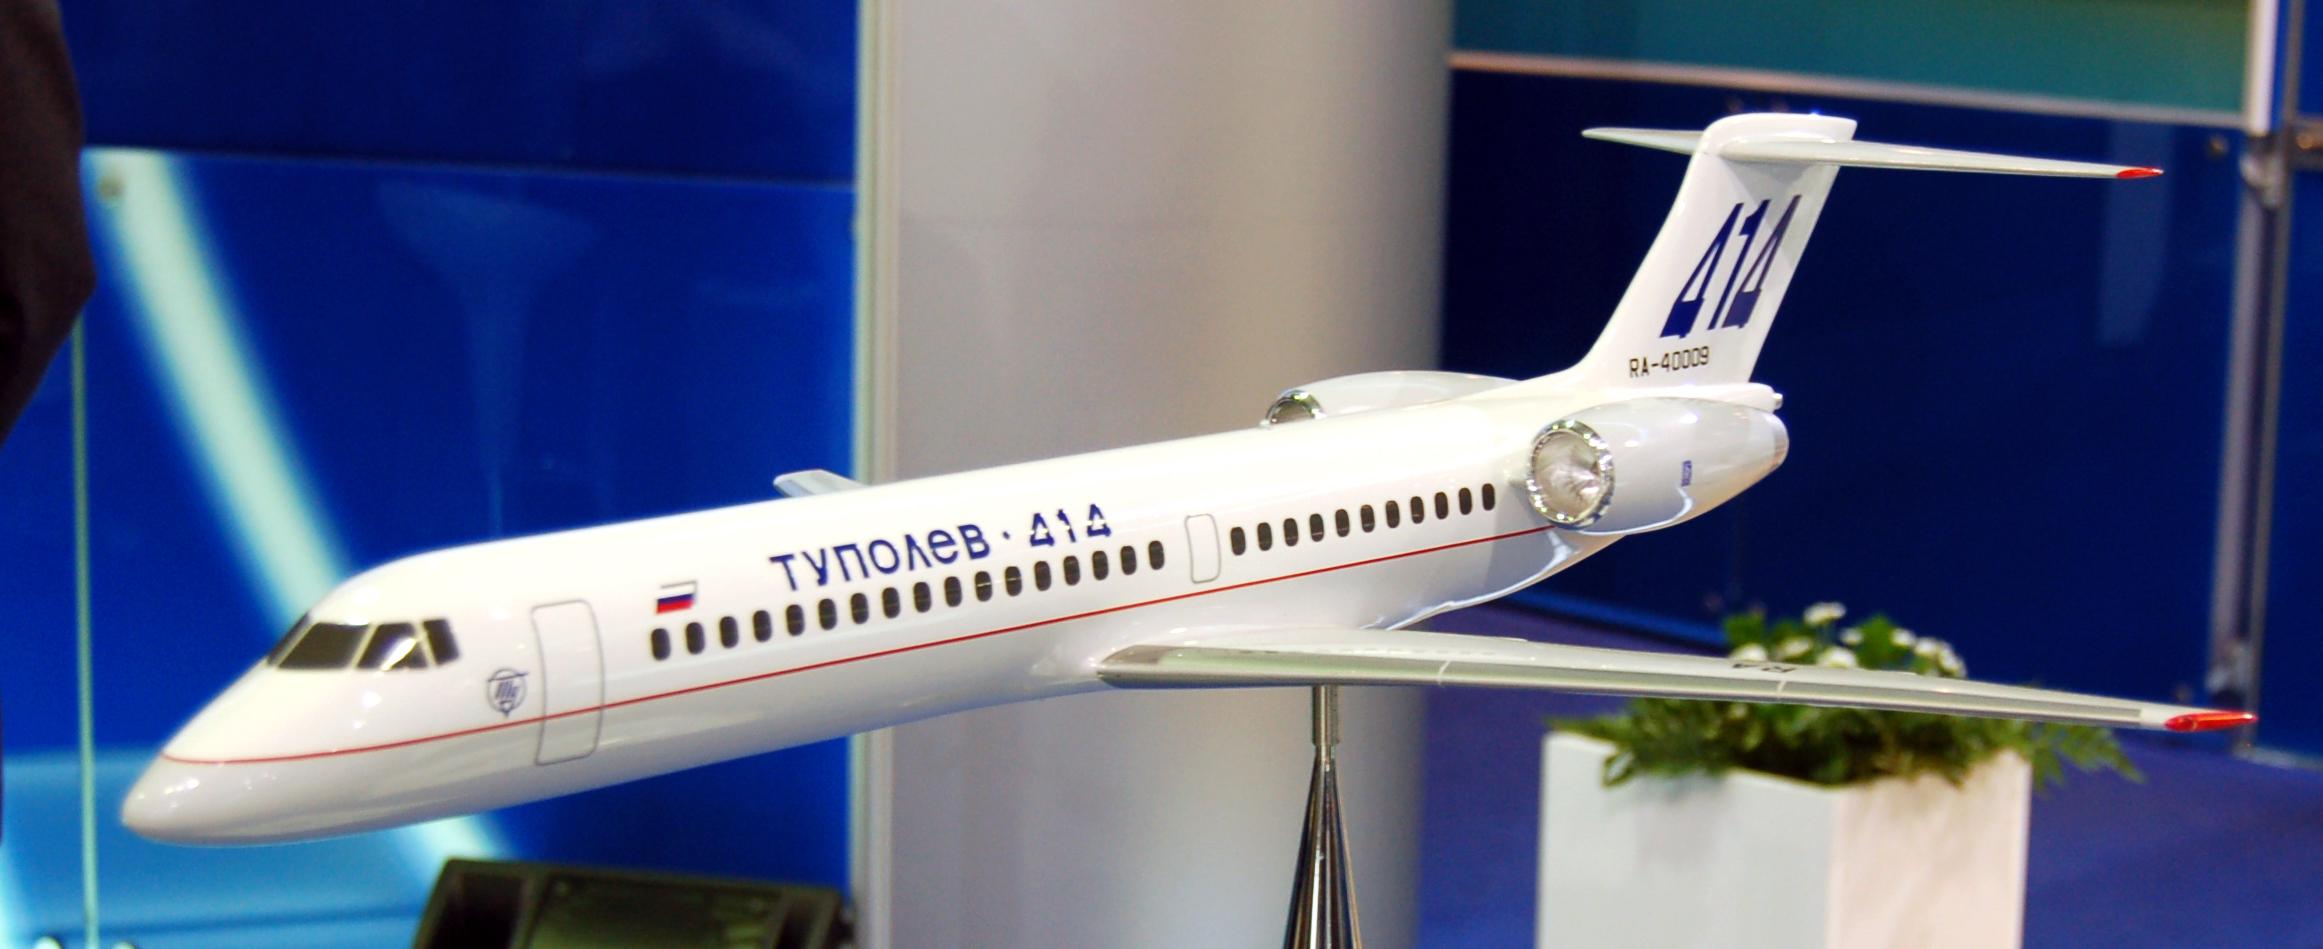 File:Tupolev 414 maquette MAKS2009.jpg